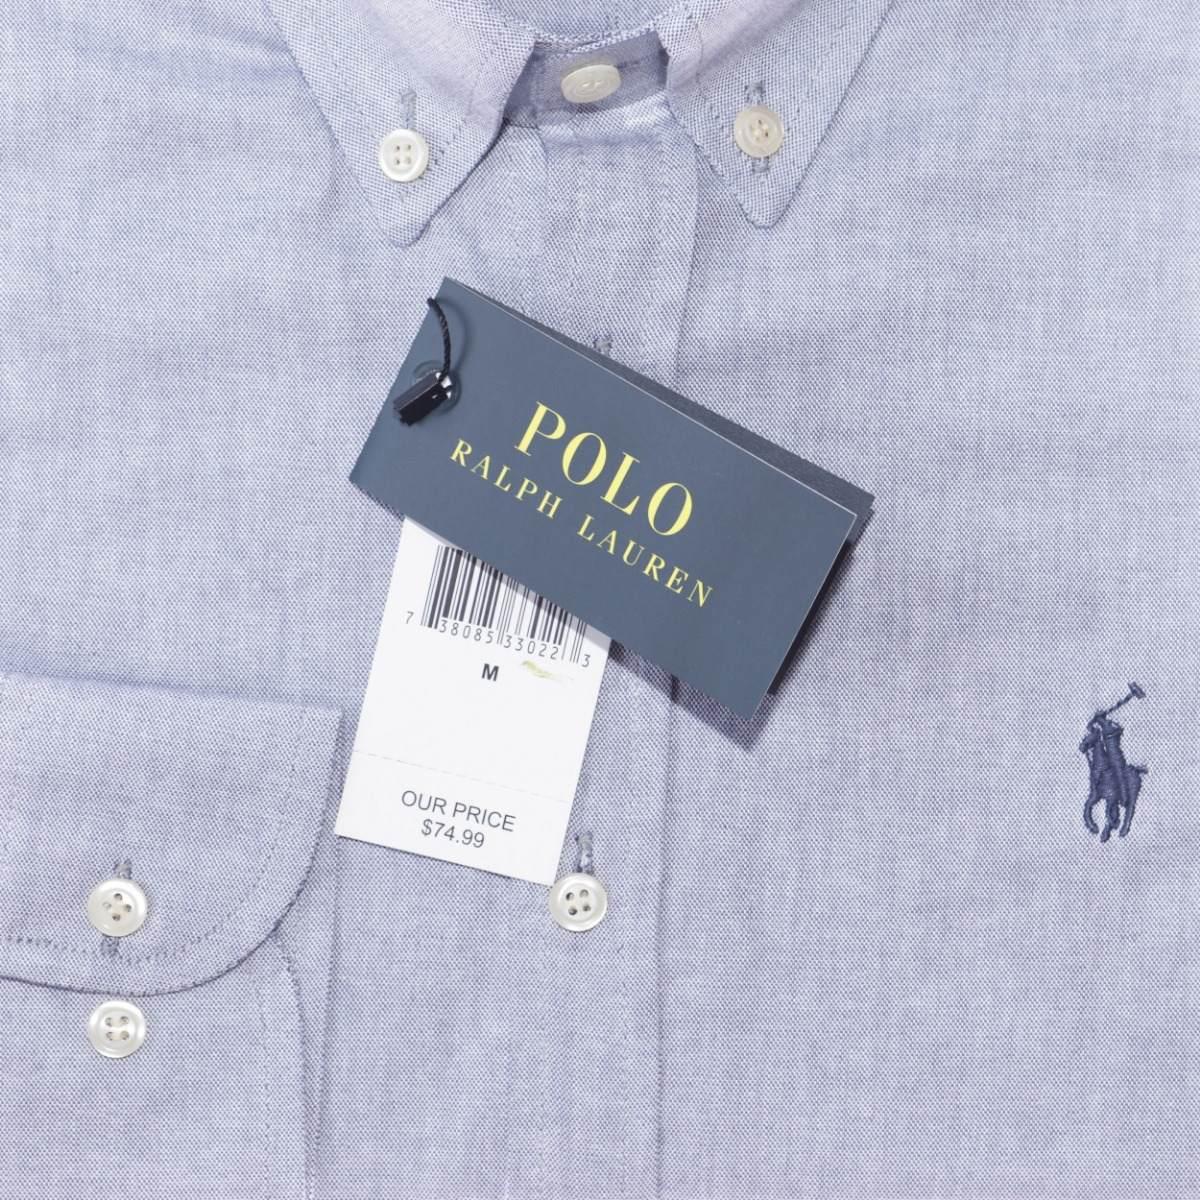 e73d606e32654 camisa social ralph lauren oxford azul acinzentado original. Carregando  zoom.